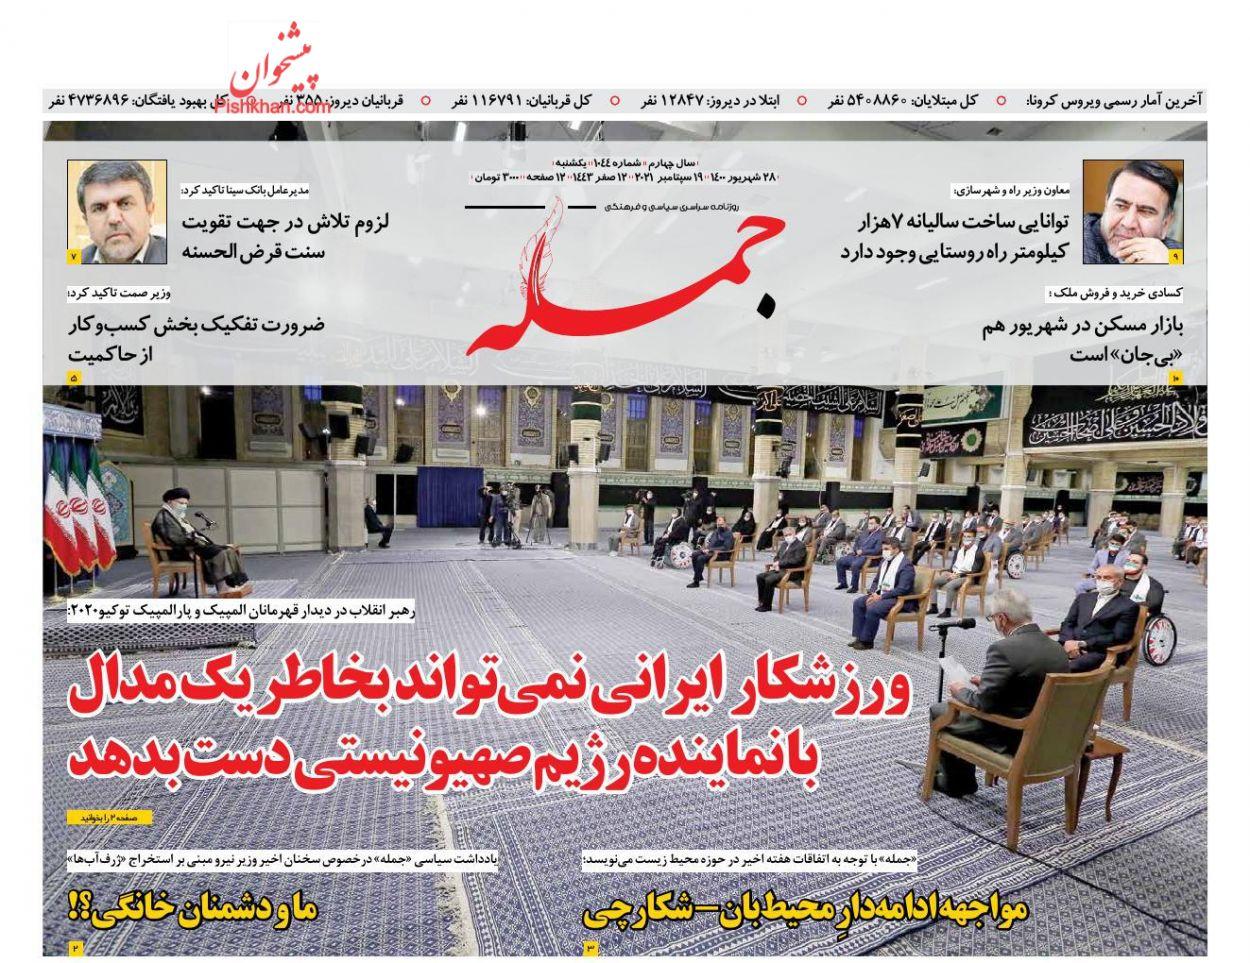 عناوین اخبار روزنامه جمله در روز یکشنبه ۲۸ شهريور